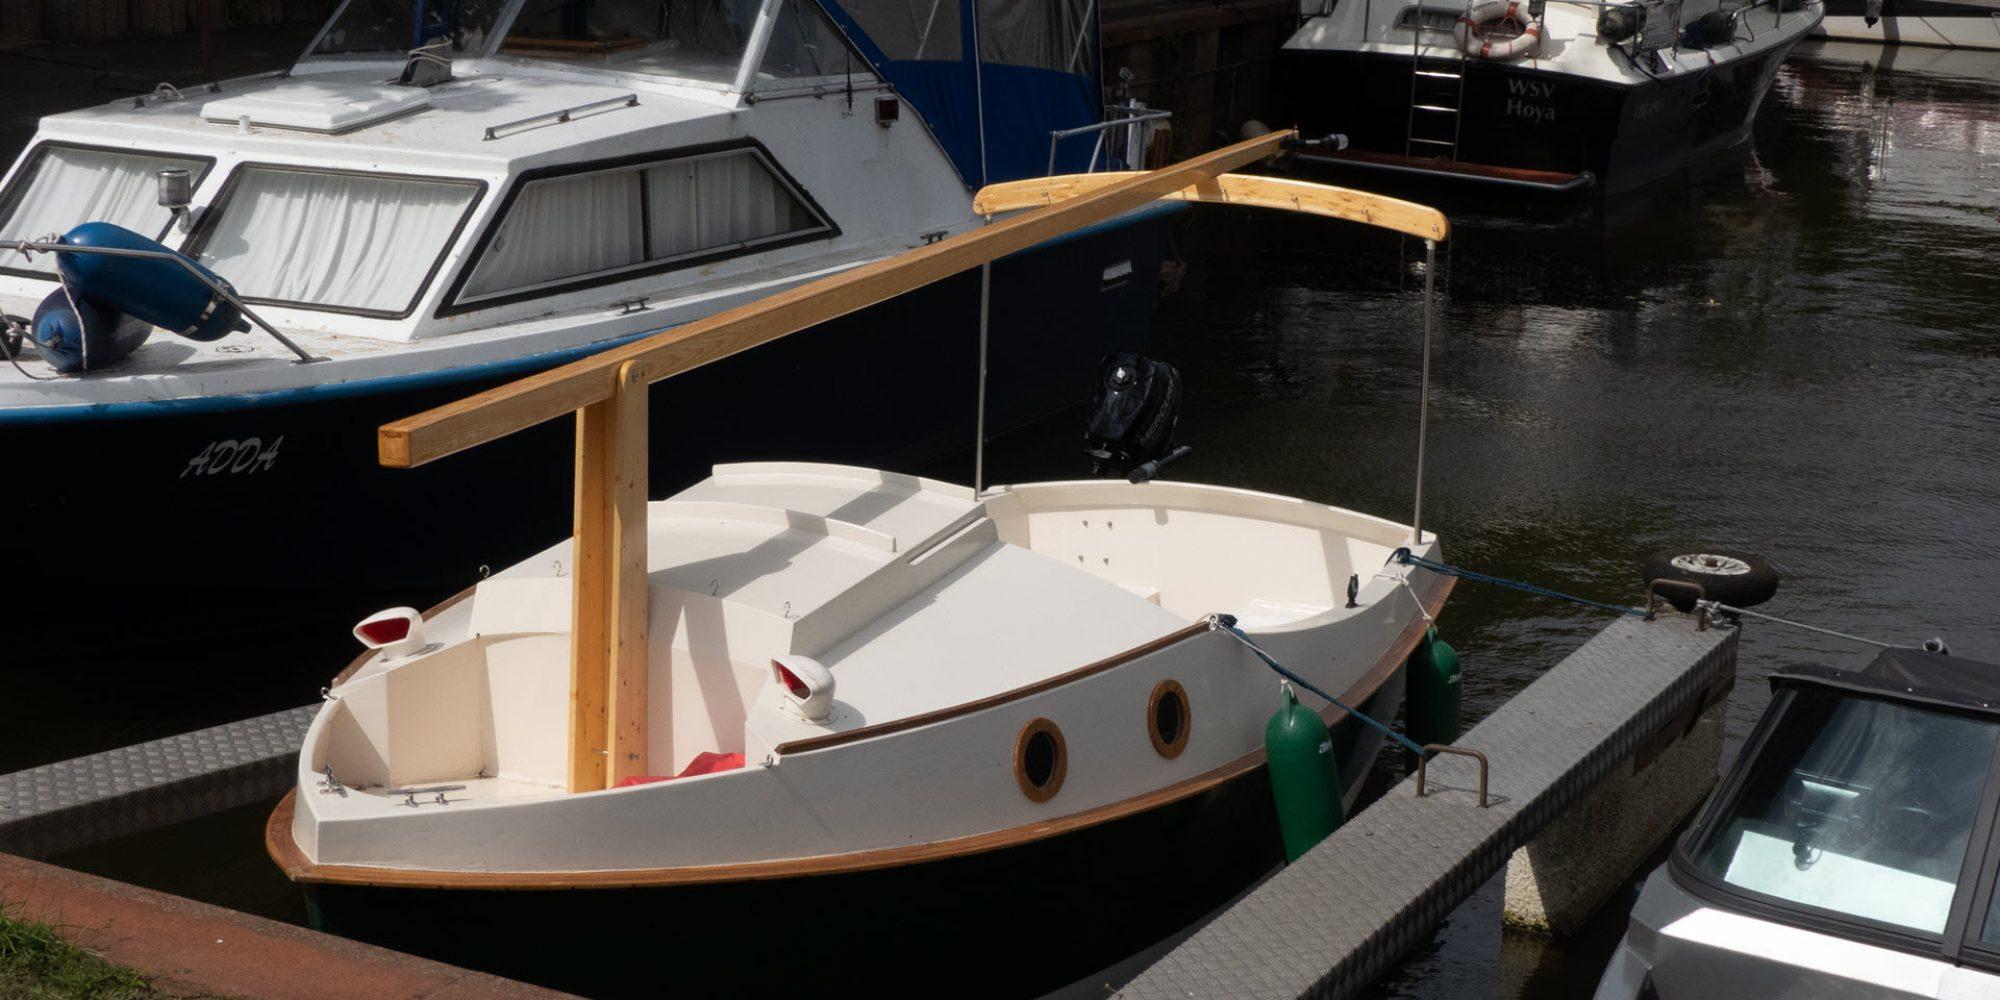 Das Boot mit den ersten Holzaufbauten. Leider noch aus unterschiedlichen Holzsorten